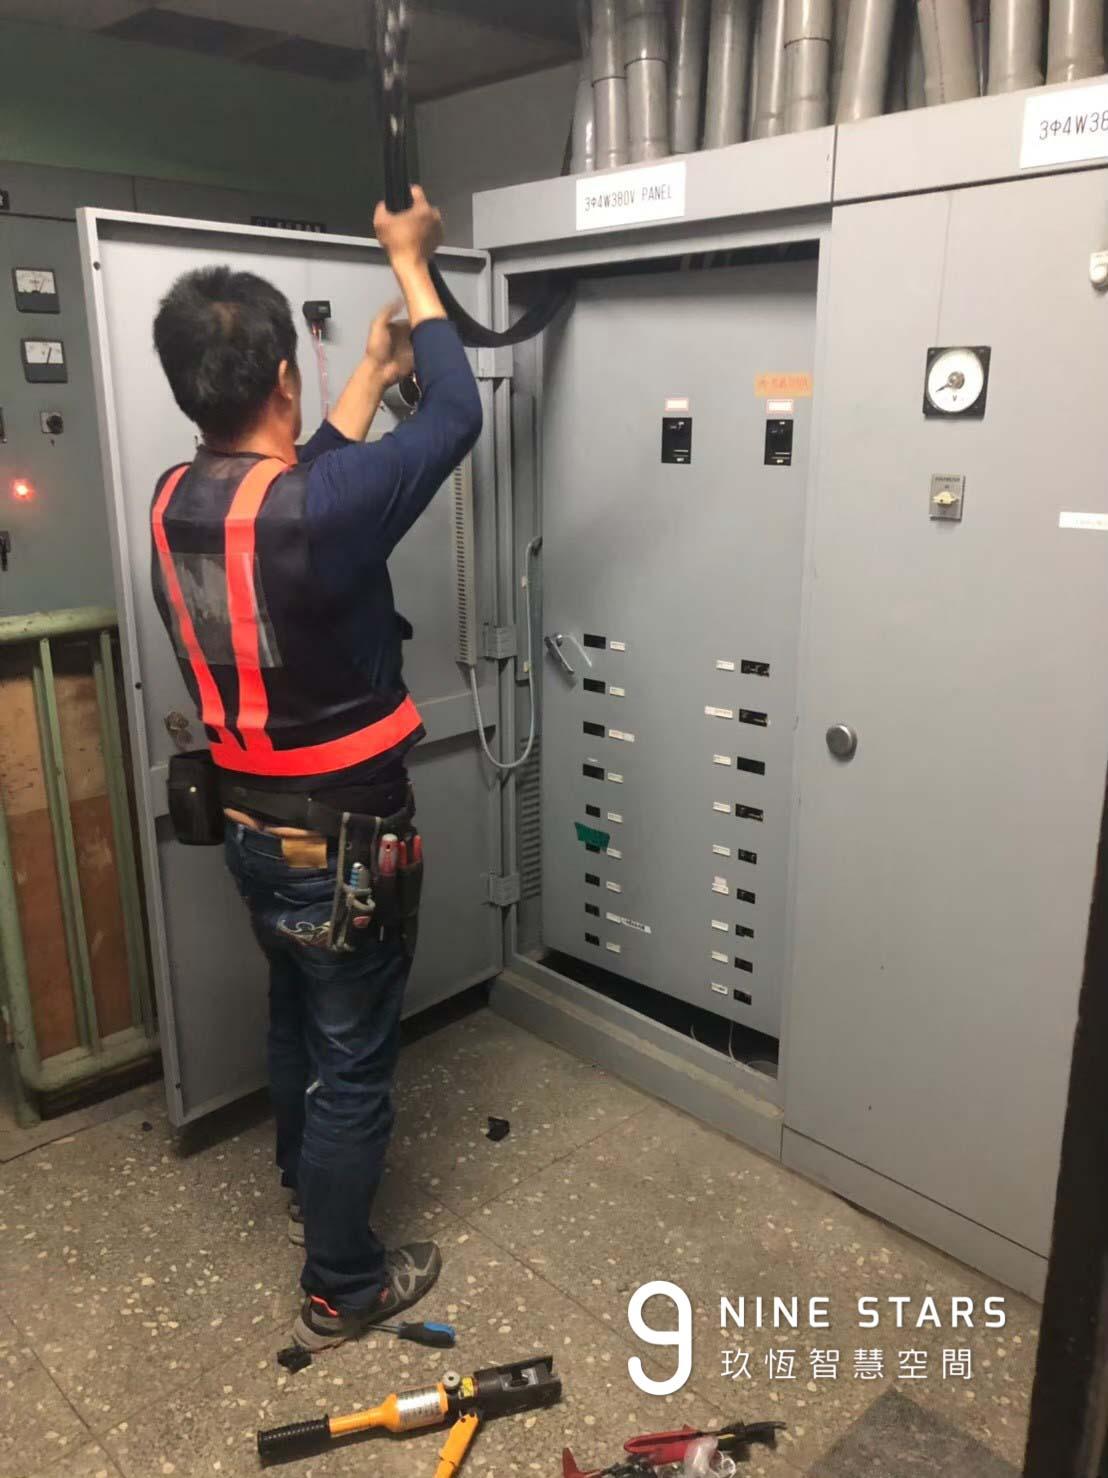 配合醫療器材用電的 380V 電力施工